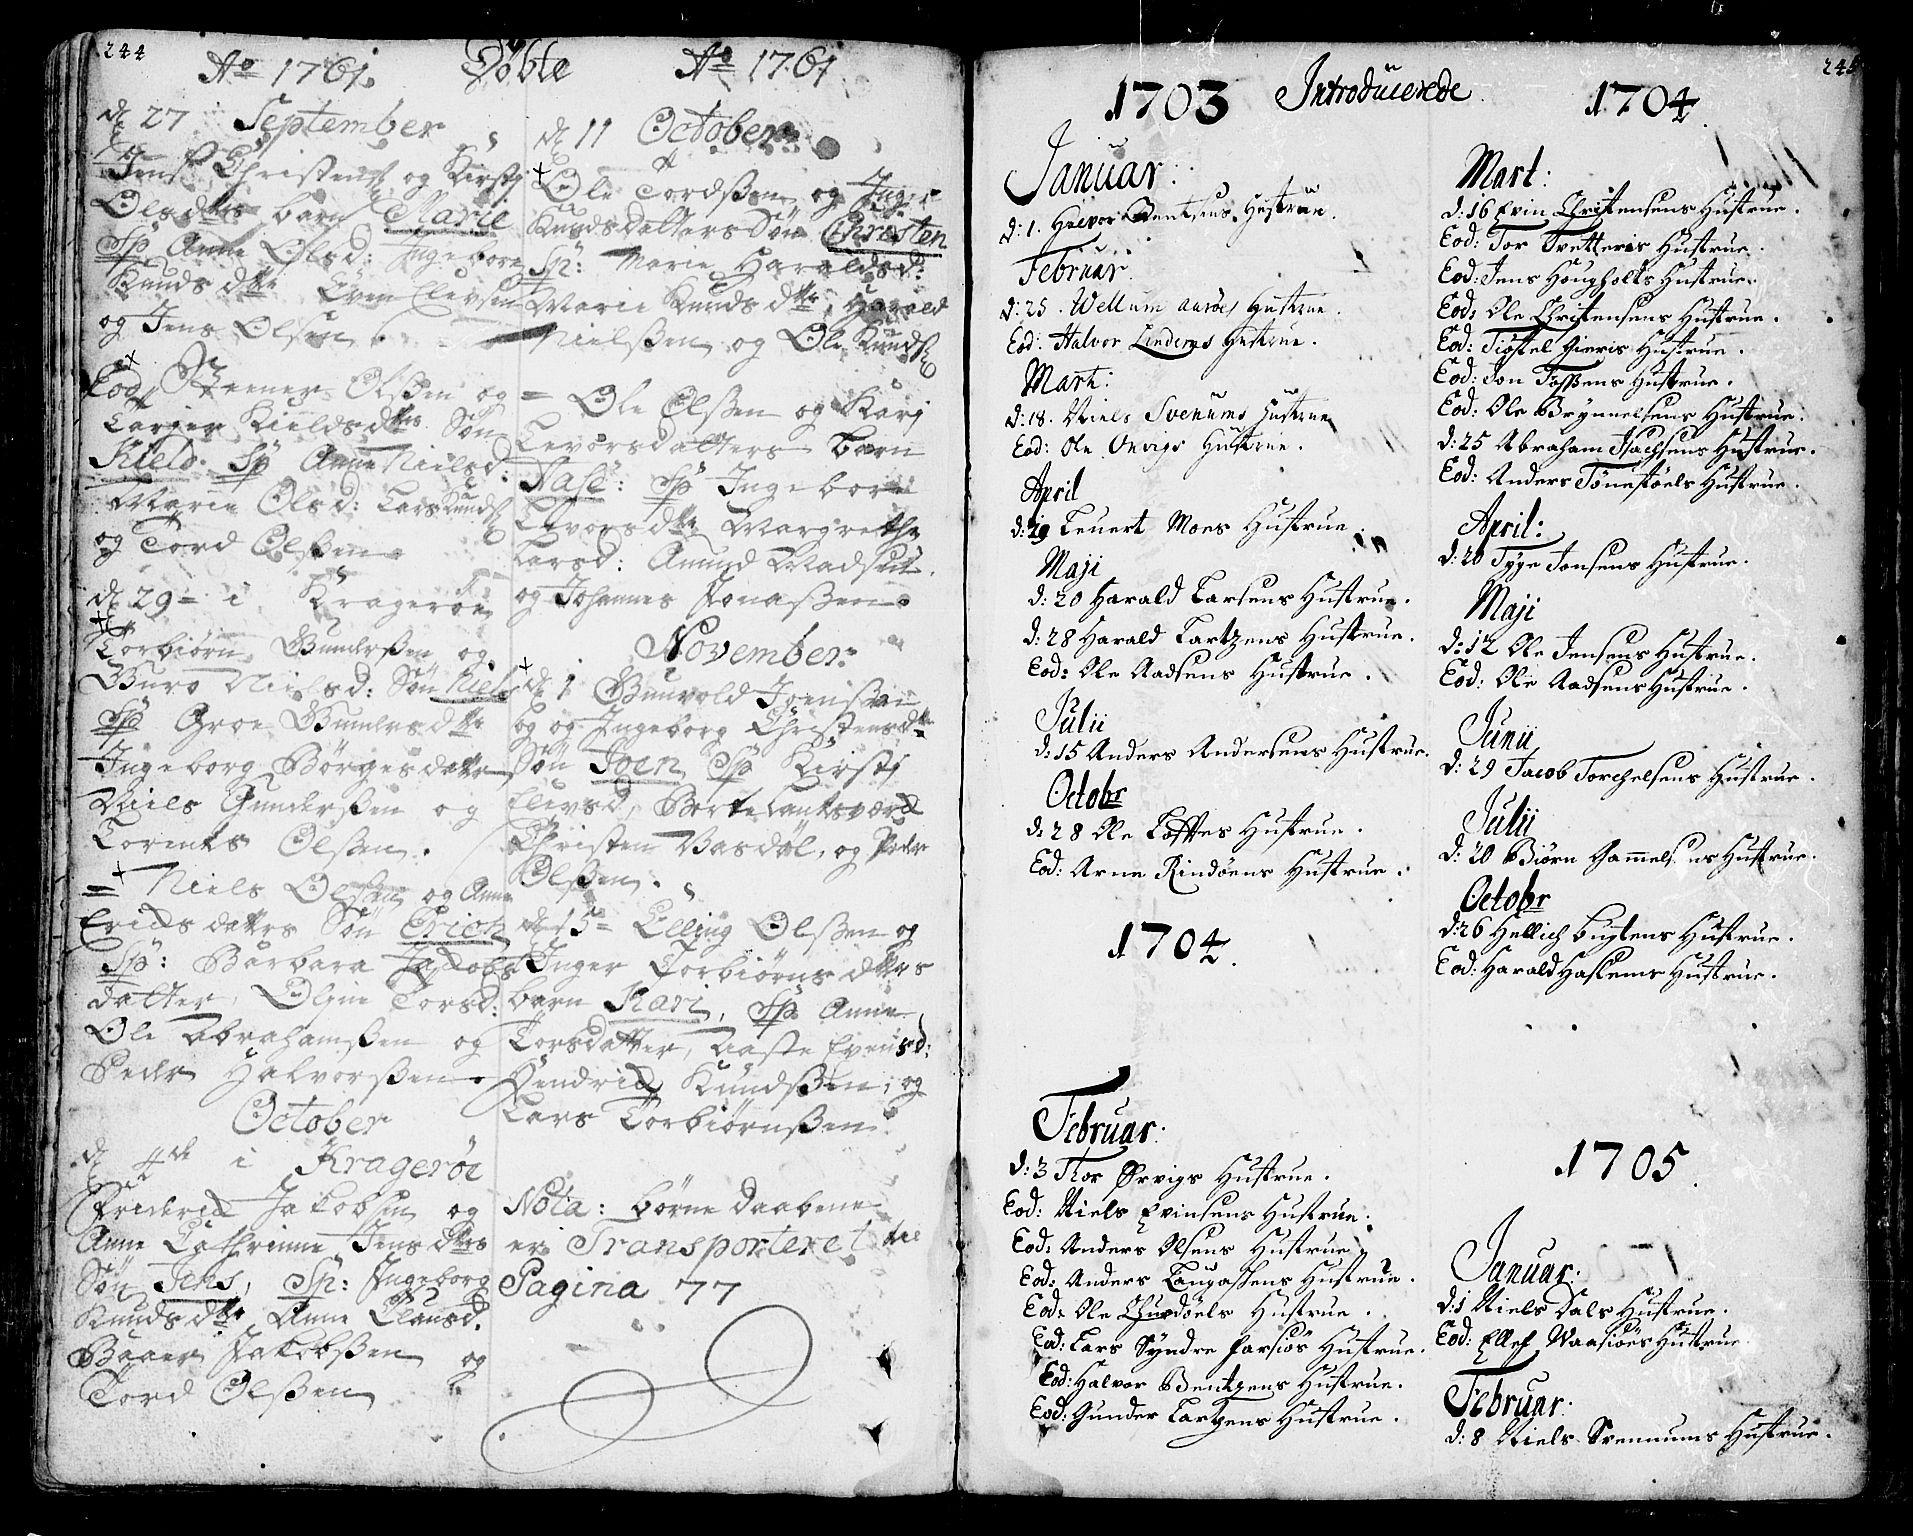 SAKO, Sannidal kirkebøker, F/Fa/L0001: Ministerialbok nr. 1, 1702-1766, s. 244-245